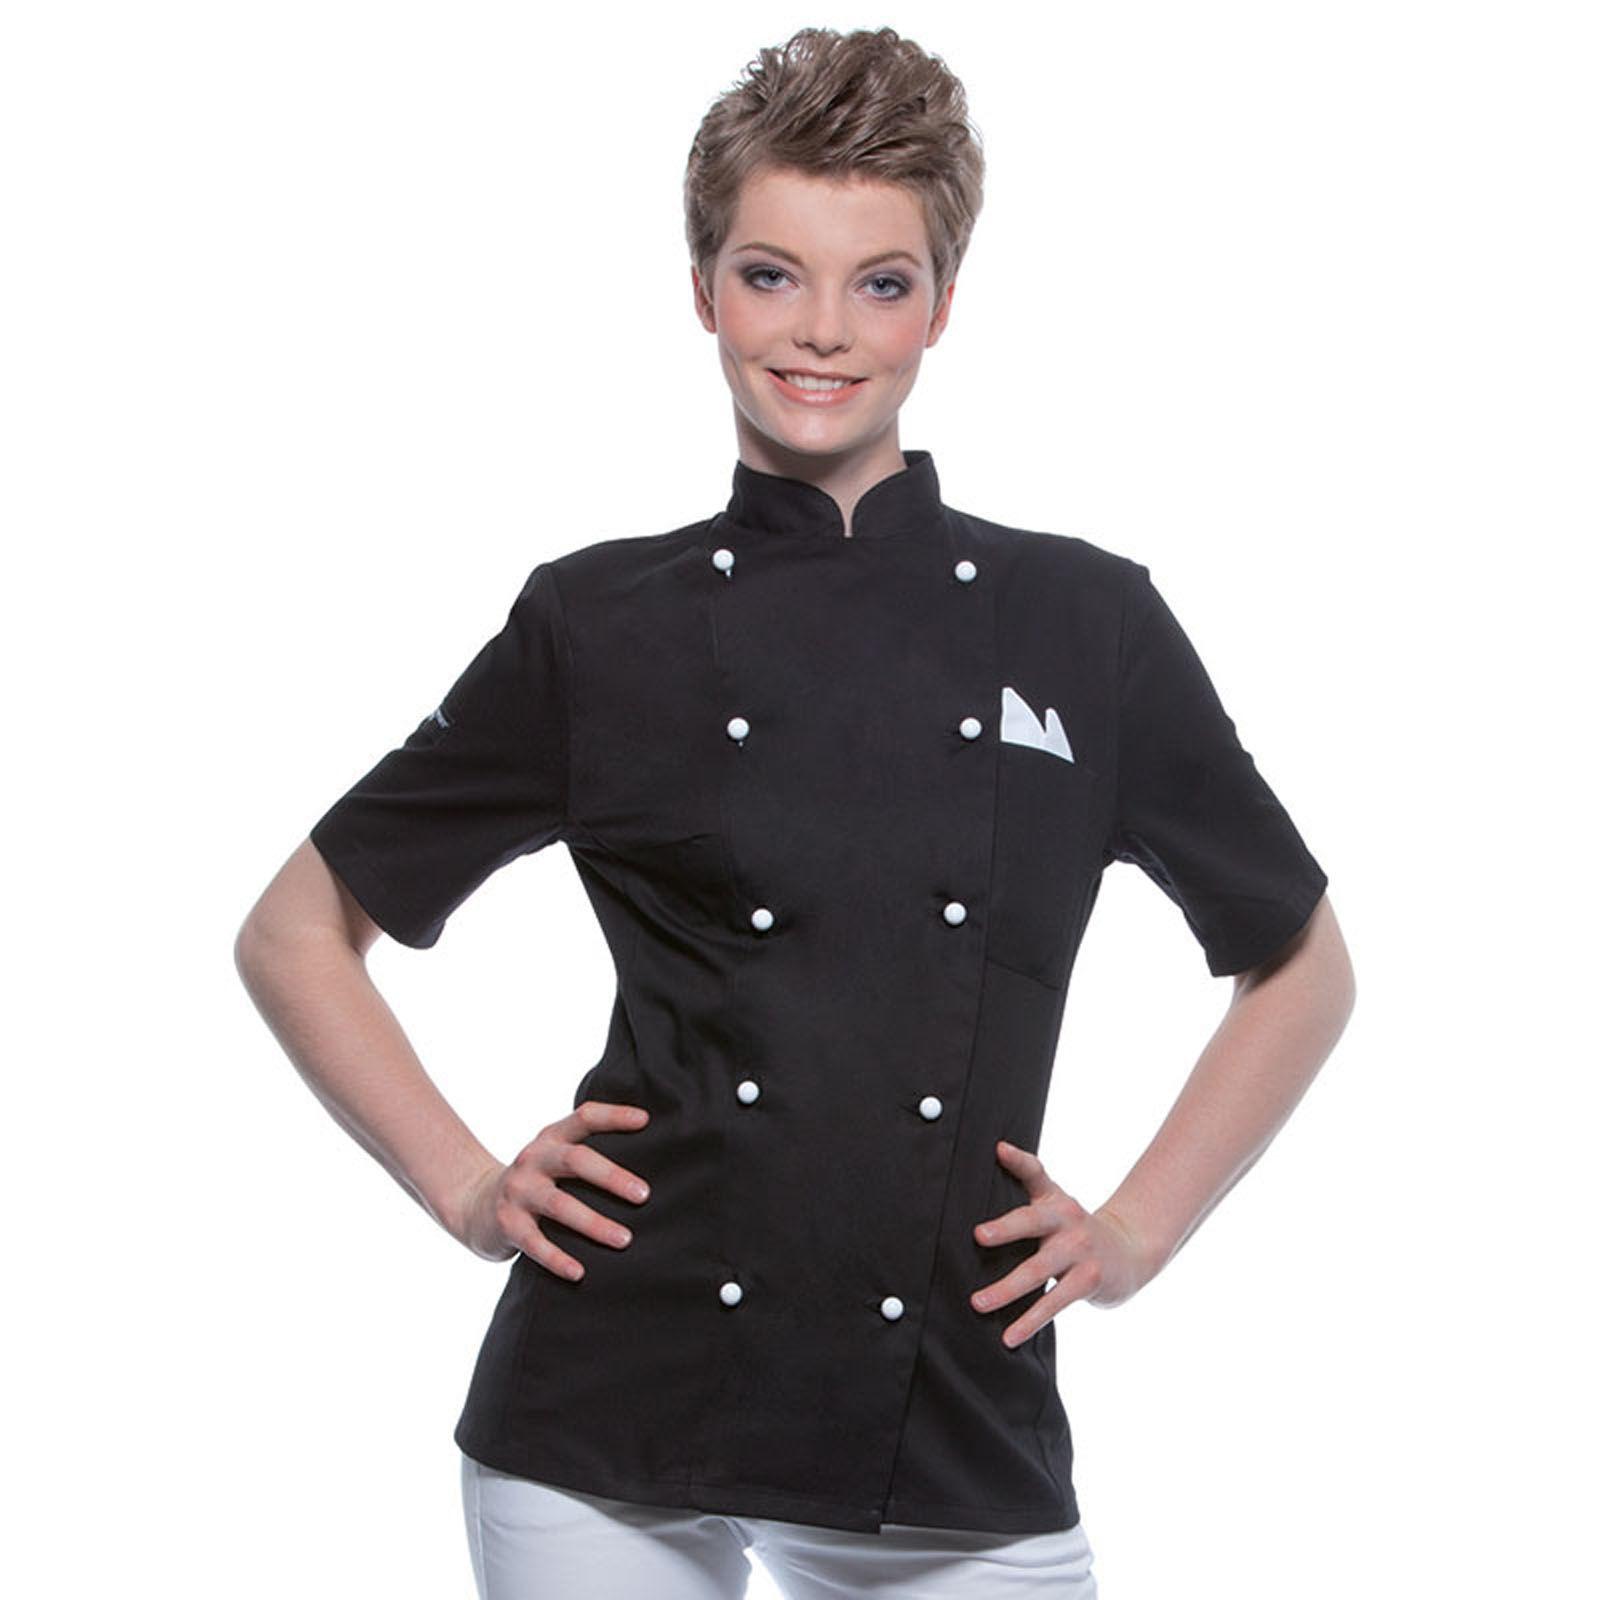 veste de cuisinier personnalisable - le manches courtes - pauline ... - Veste De Cuisine Personnalisee